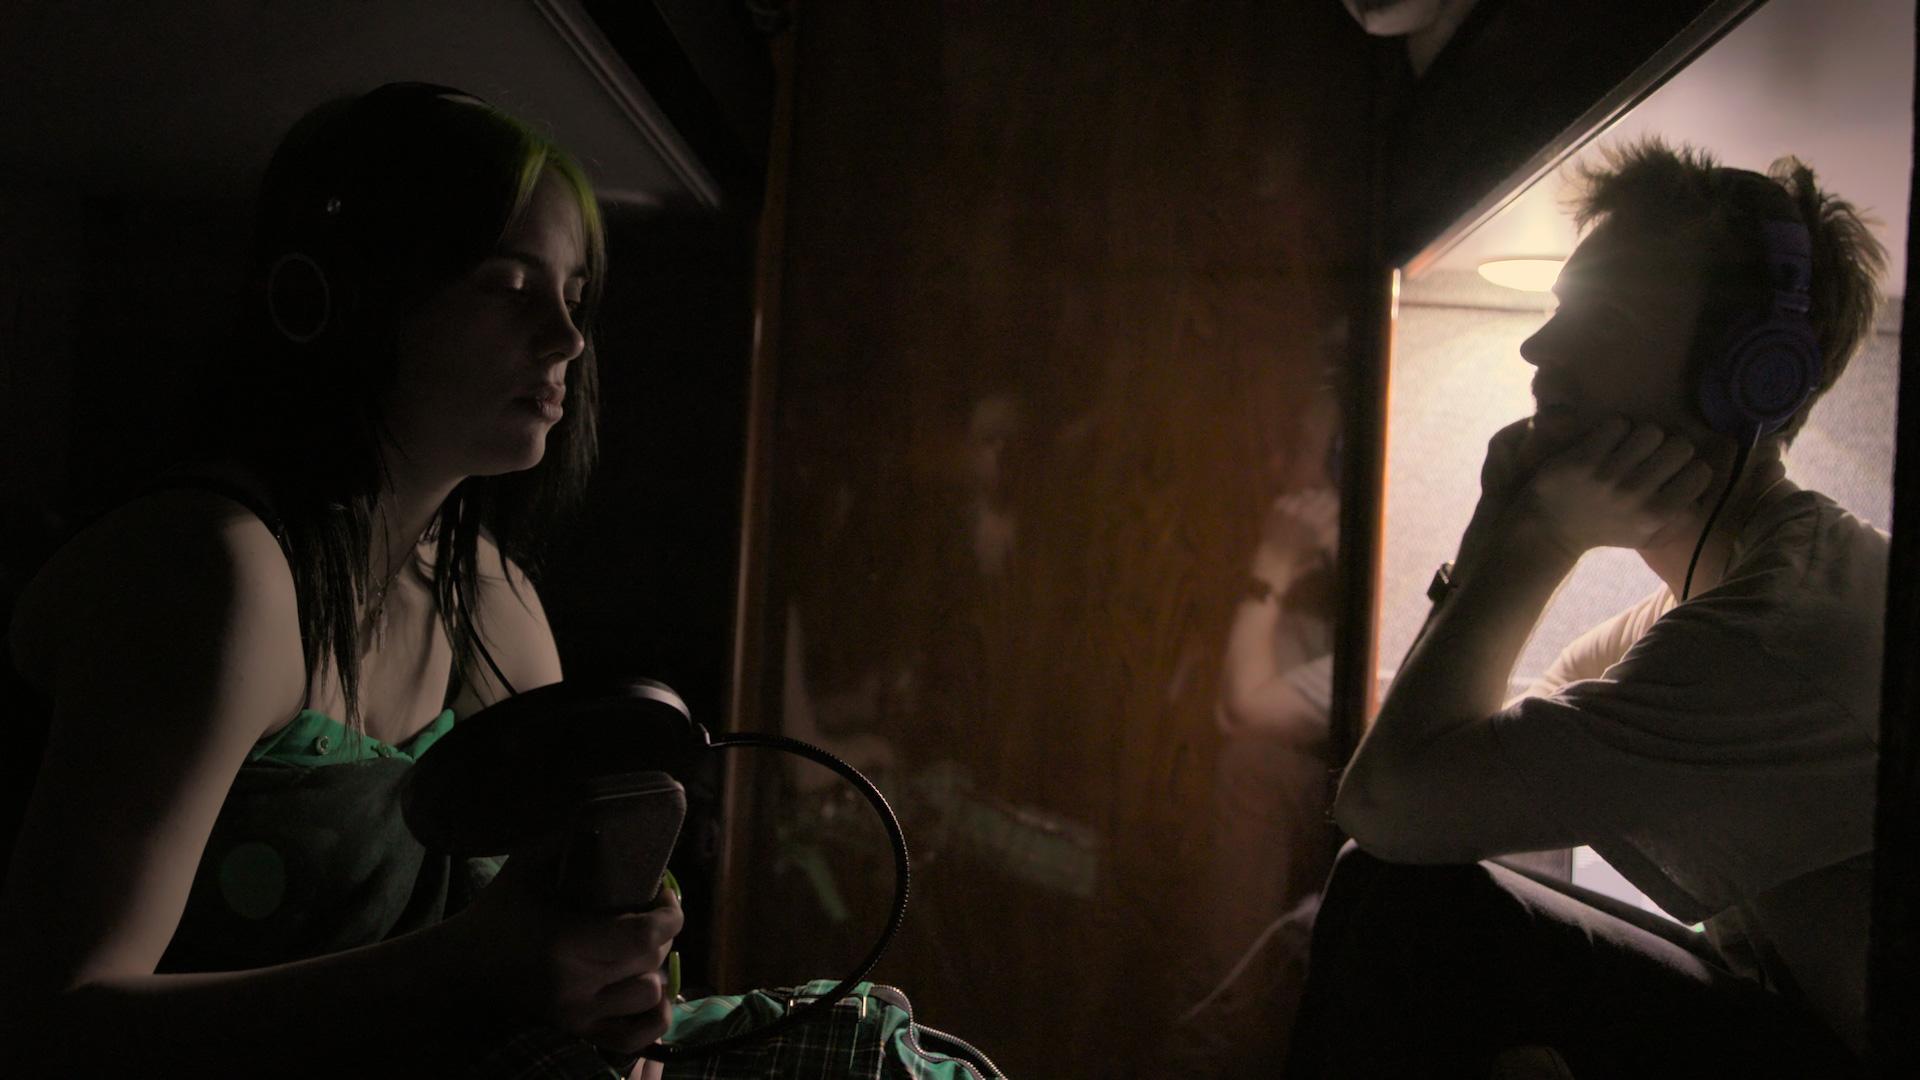 ビリー・アイリッシュやテイラー・スウィフト、エイミー・ワインハウスなど|女性アーティストのドキュメンタリー作品5選